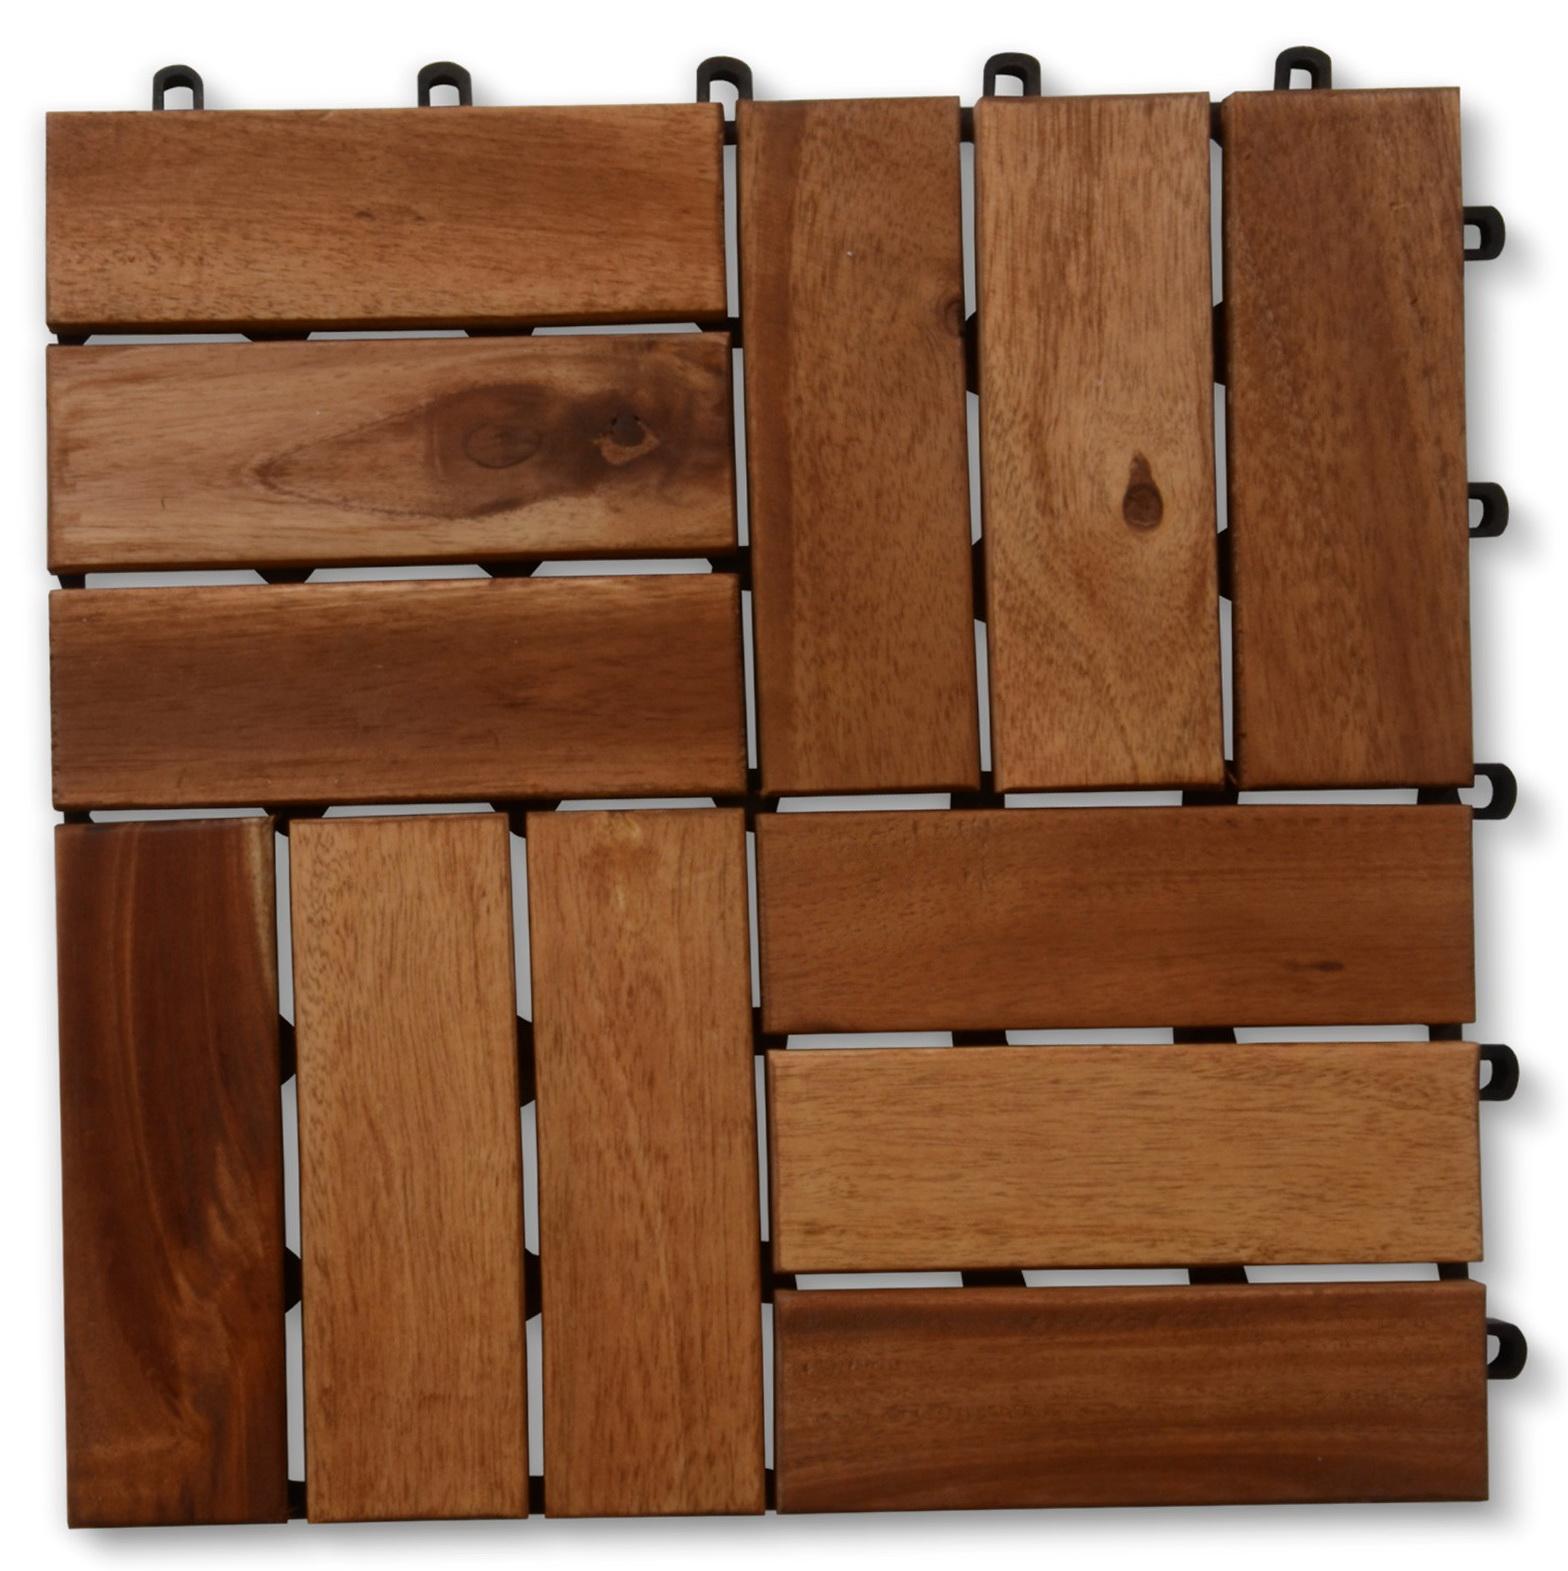 Interlocking Wood Deck Tiles Home Depot Home Design Ideas